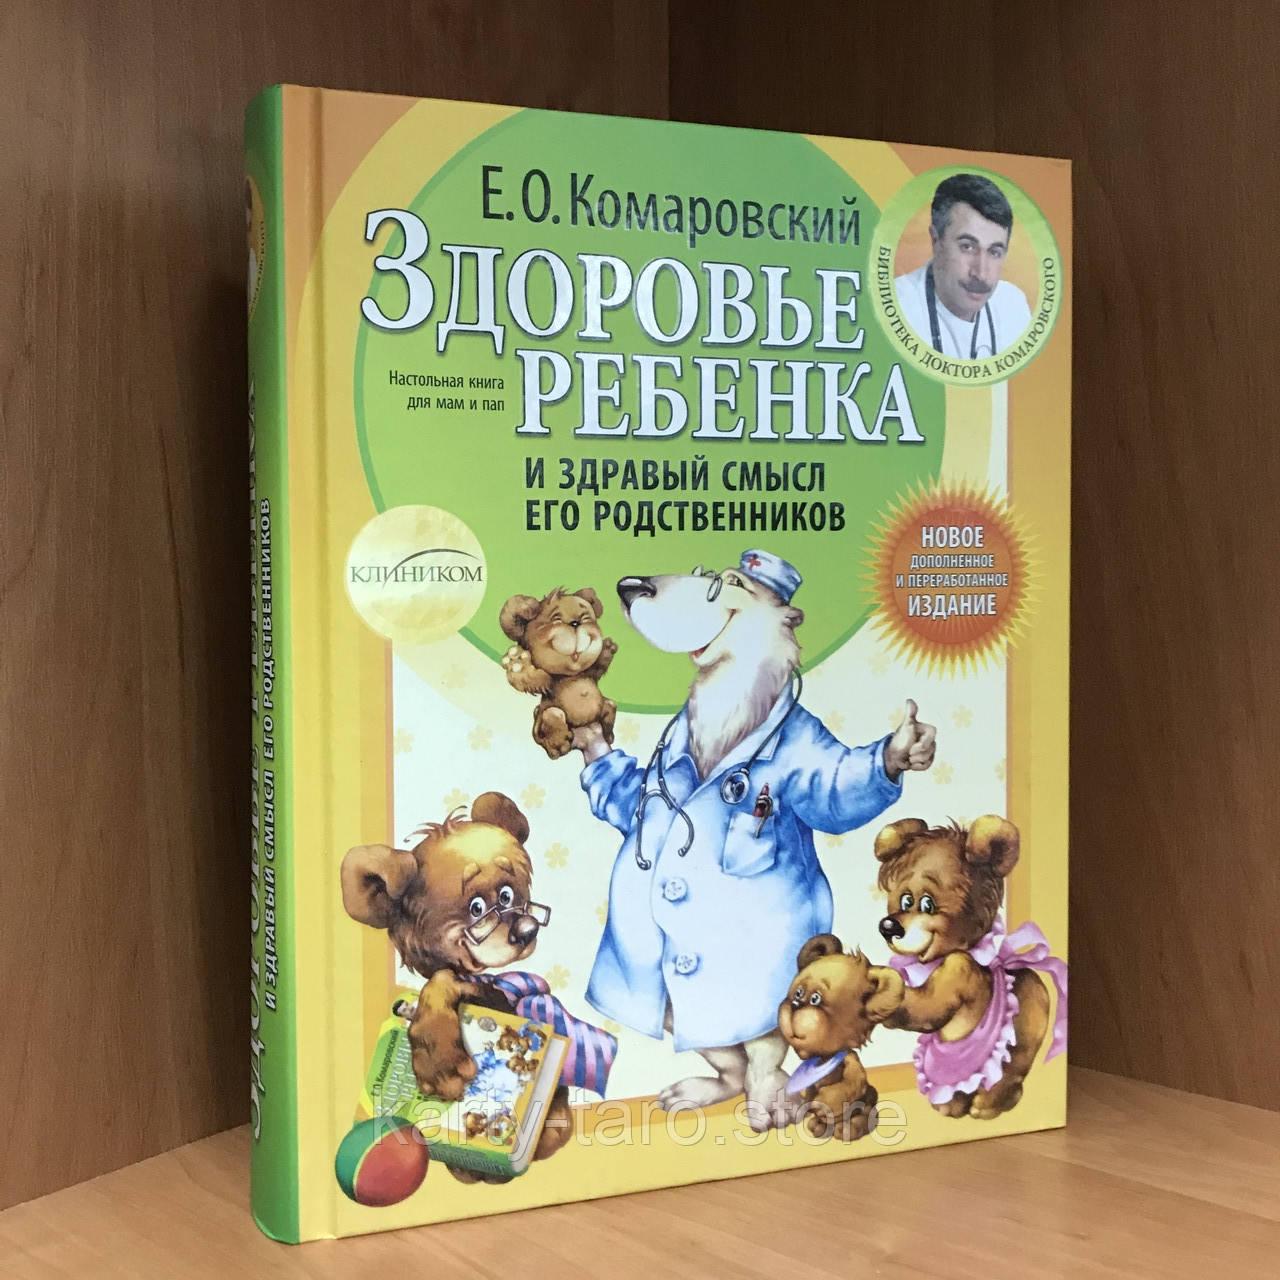 Книга Здоровье ребенка и здравый смысл его родственников -  Е.О.Комаровский